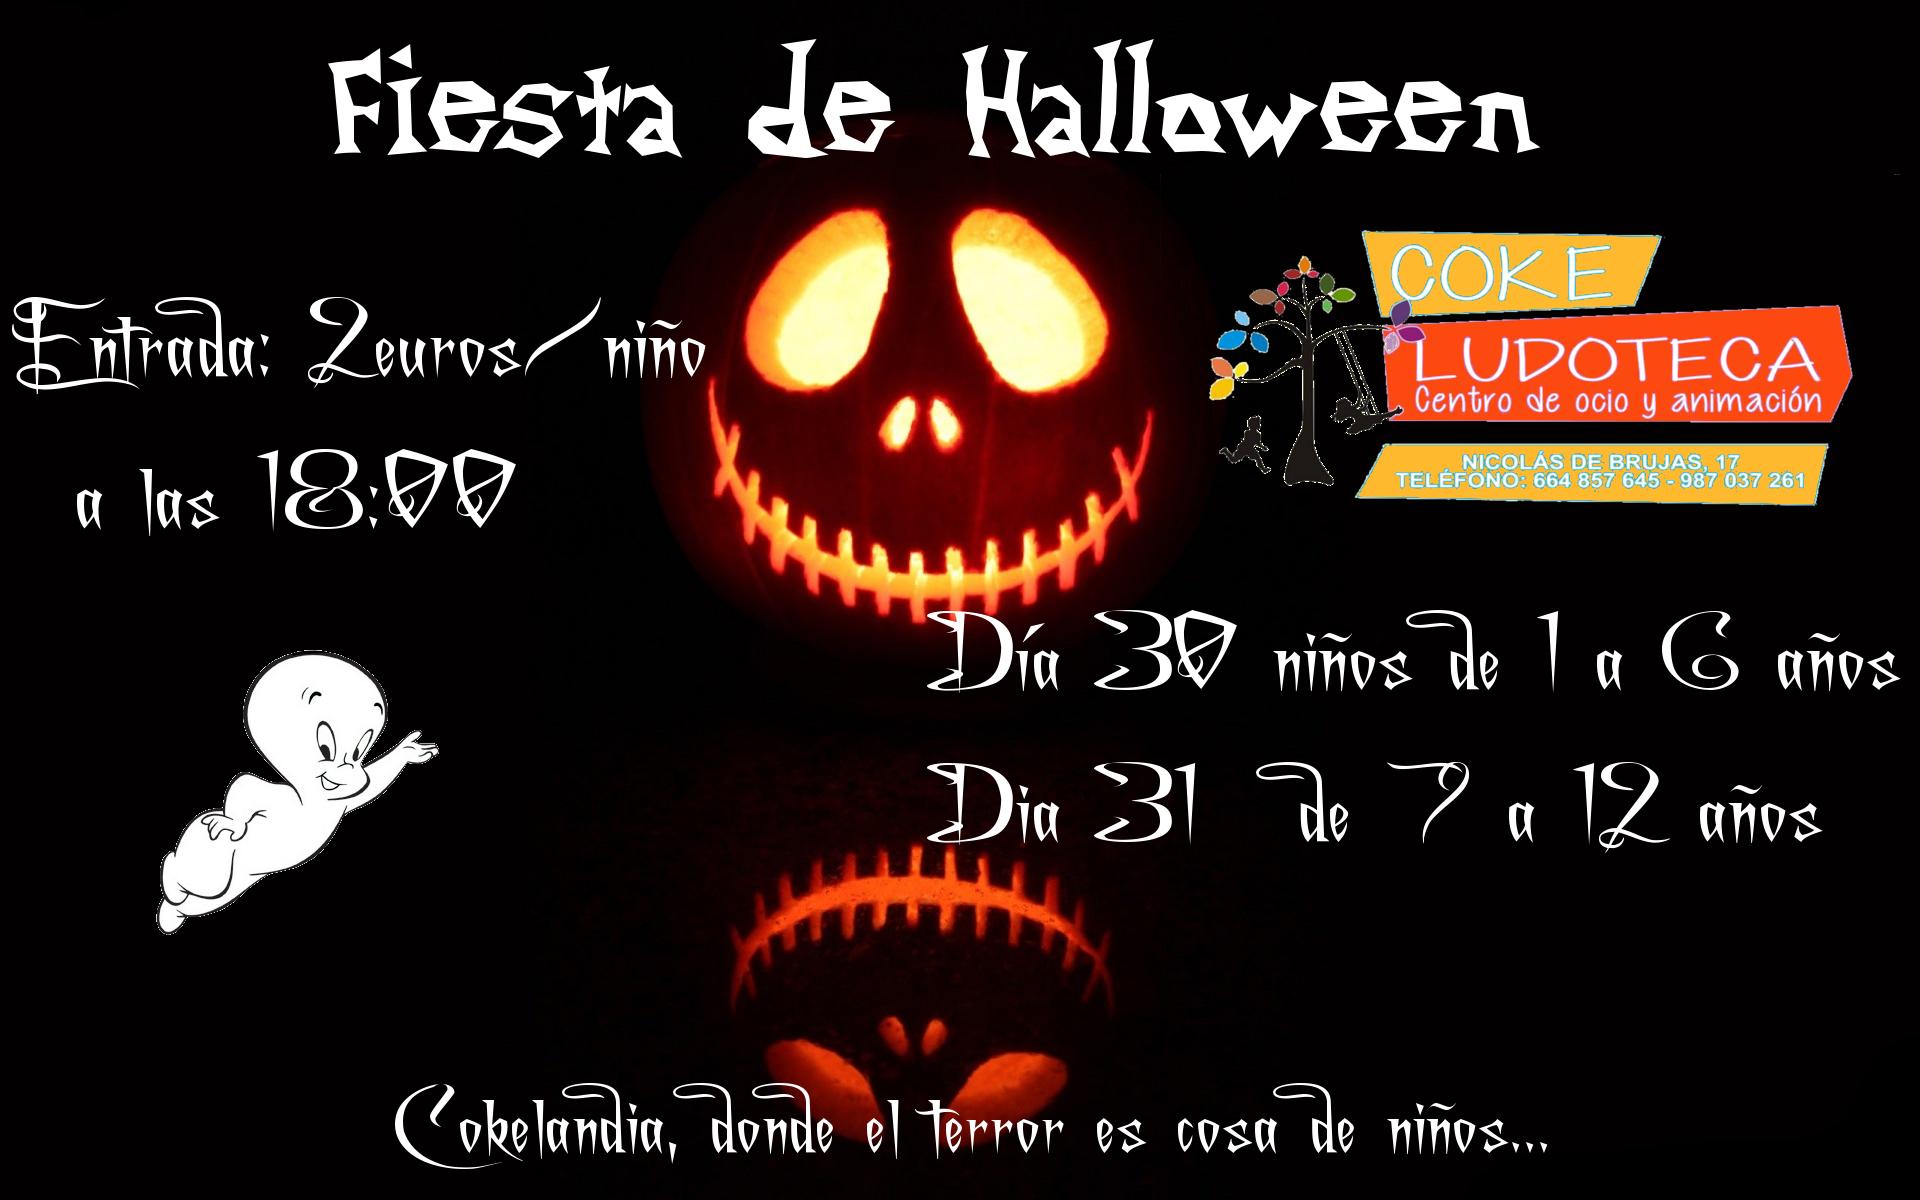 Fiesta Halloween 2017 en Ludoteka Coke 1